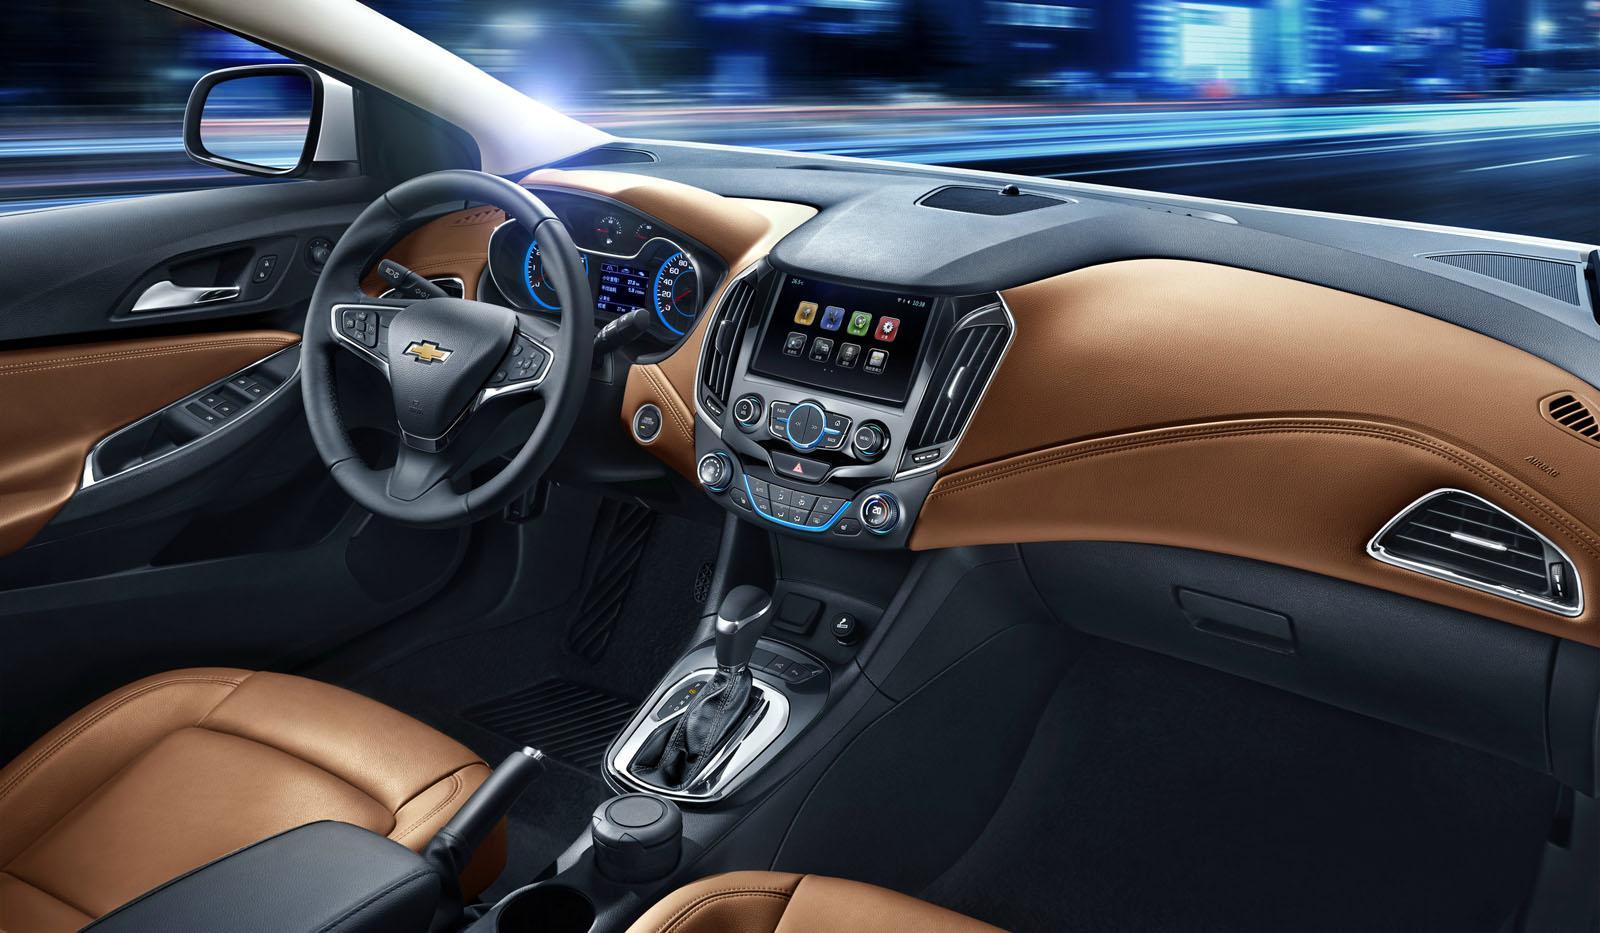 2016 Chevrolet Cruze Le Interior